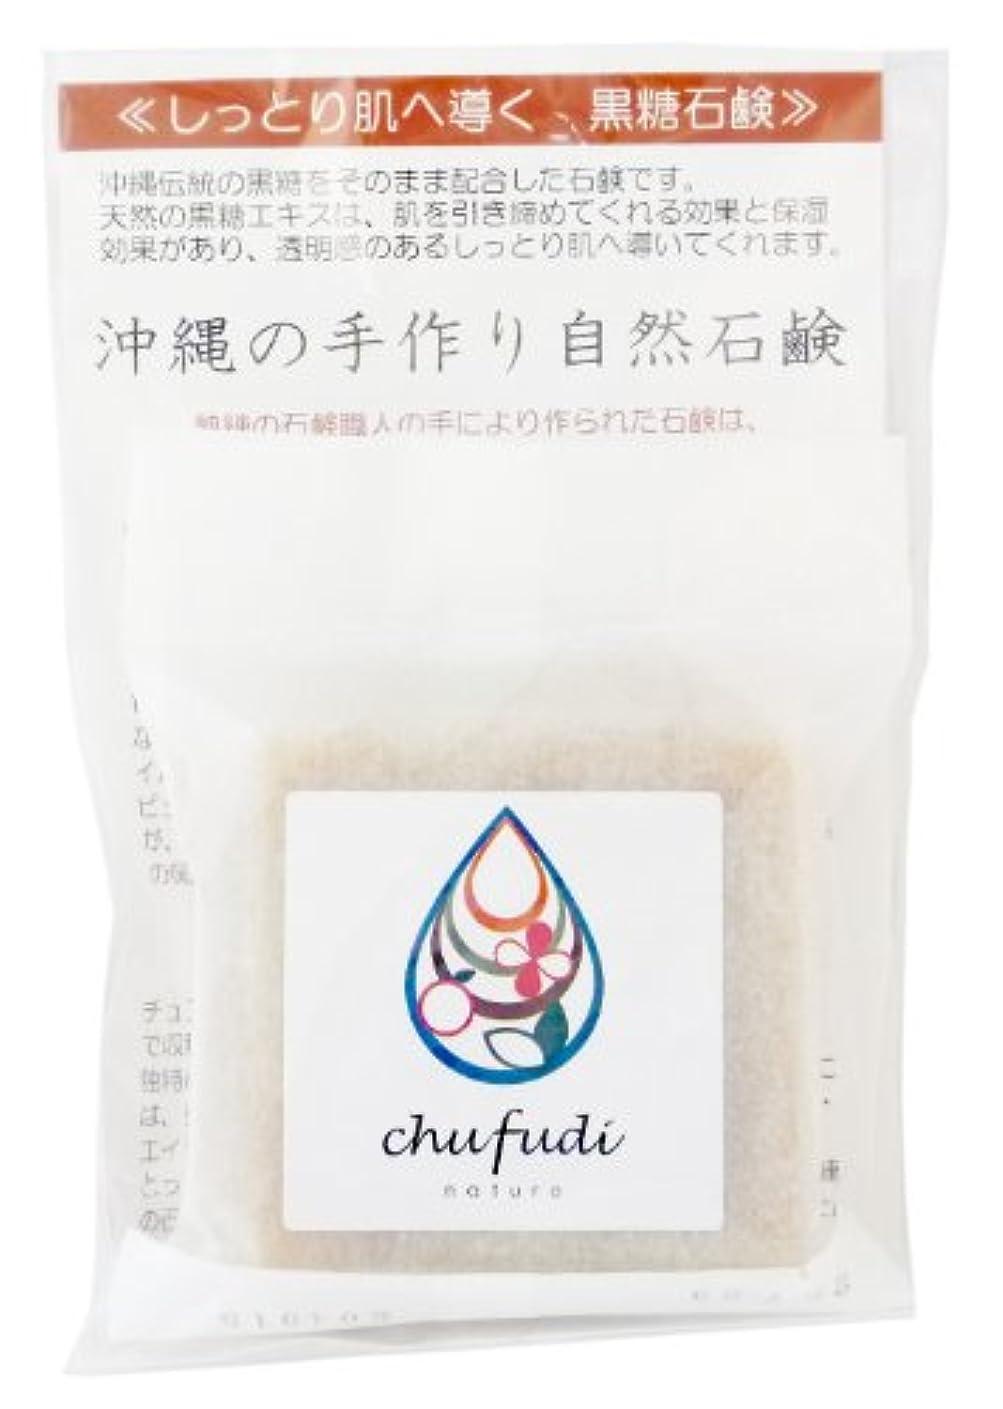 狂人征服する腹チュフディ ナチュール しっとり肌へ導く 沖縄原産 黒糖石鹸